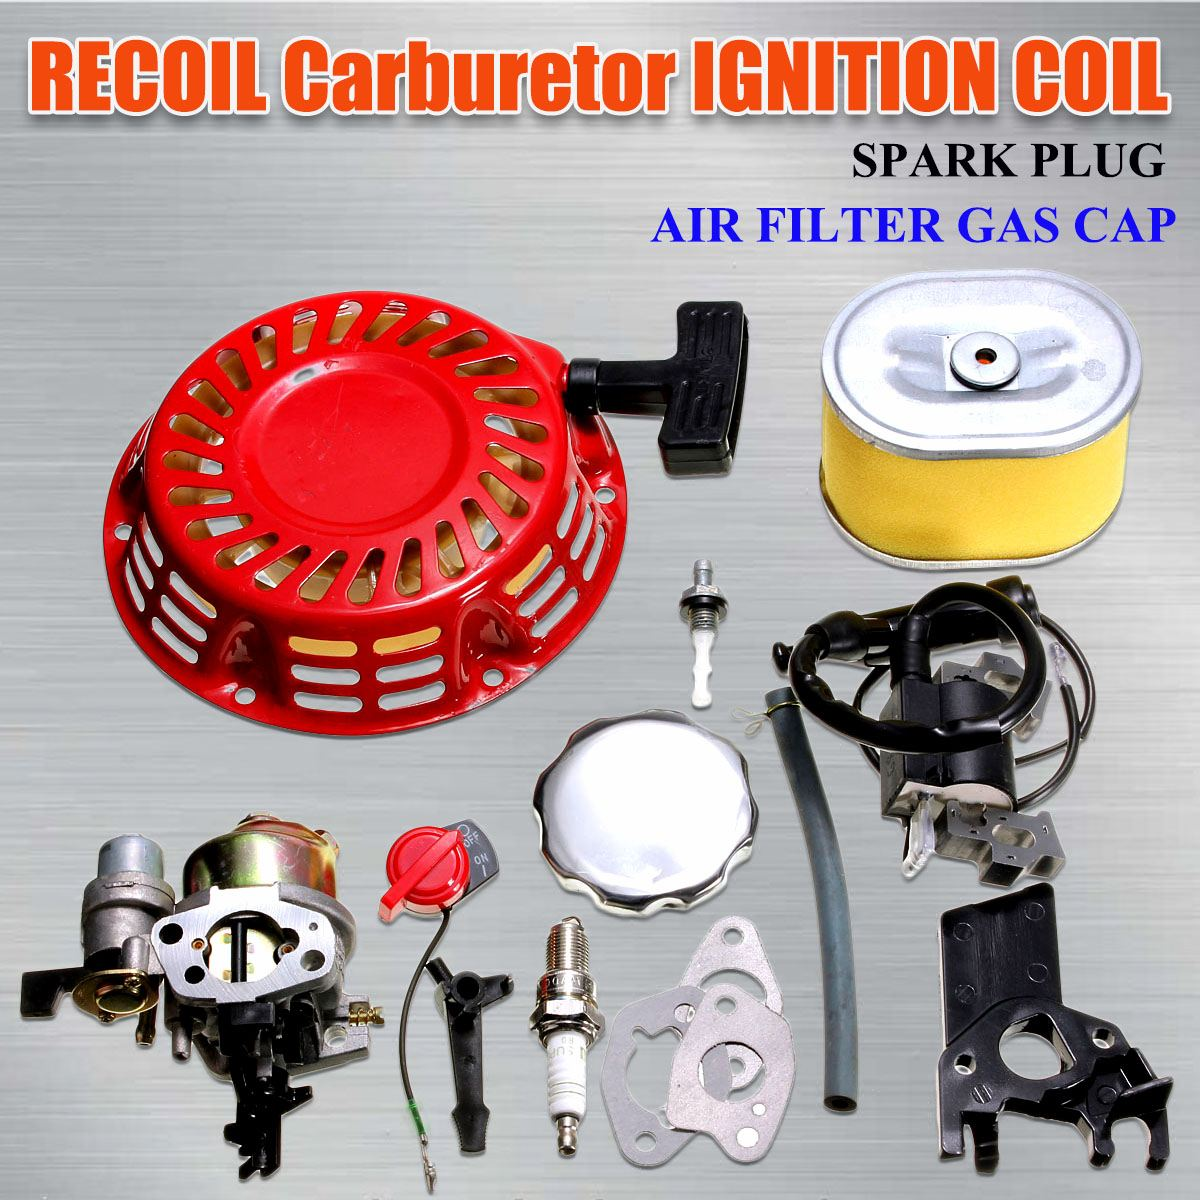 Karbüratör geri tepme marş ateşleme bobini buji için filtre için karbüratör Carb Honda GX160 5.5HP motor kiti